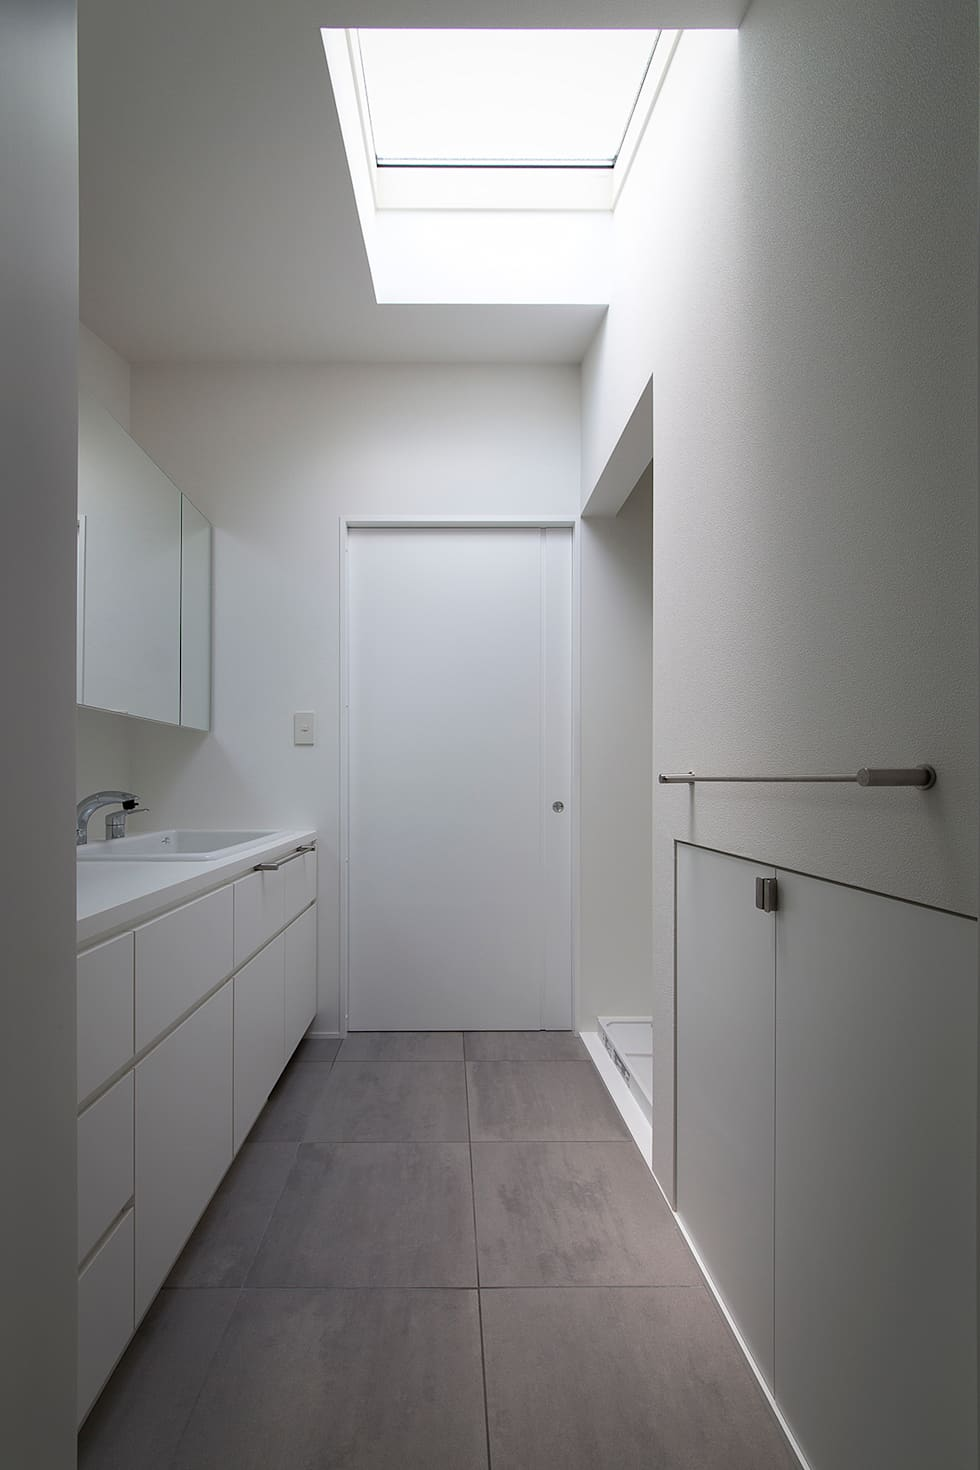 ノスタルジックグリーンハウス: ラブデザインホームズ/LOVE DESIGN HOMESが手掛けた浴室です。